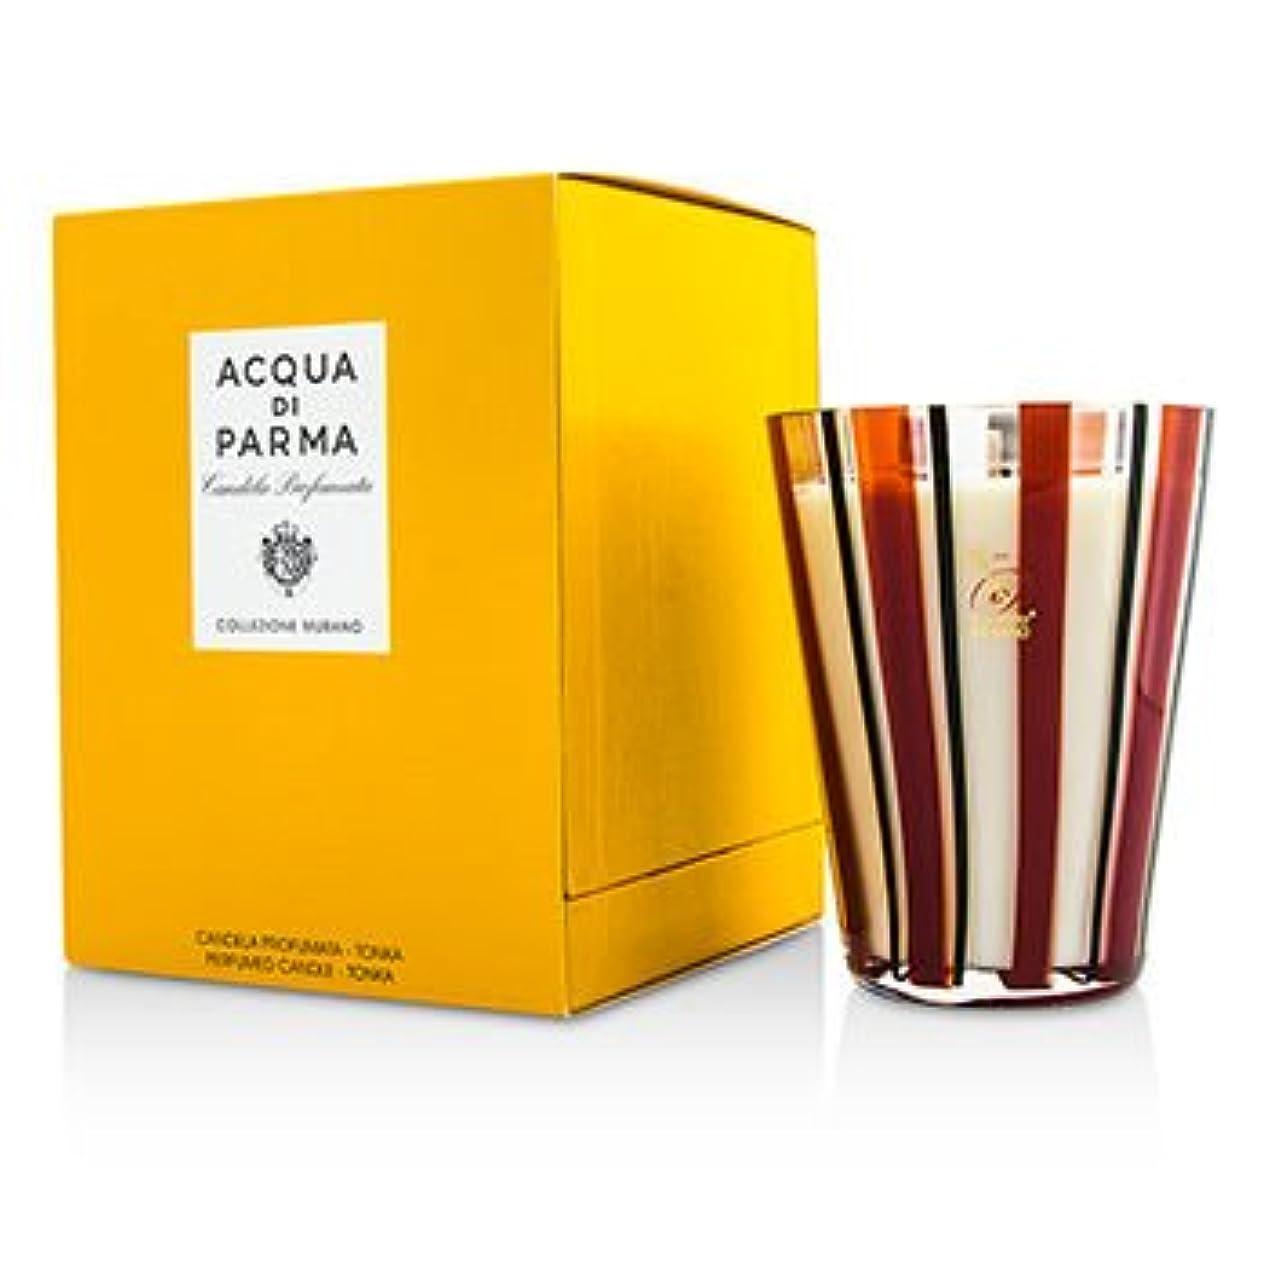 暗唱する物語顔料[Acqua Di Parma] Murano Glass Perfumed Candle - Tonka 200g/7.05oz